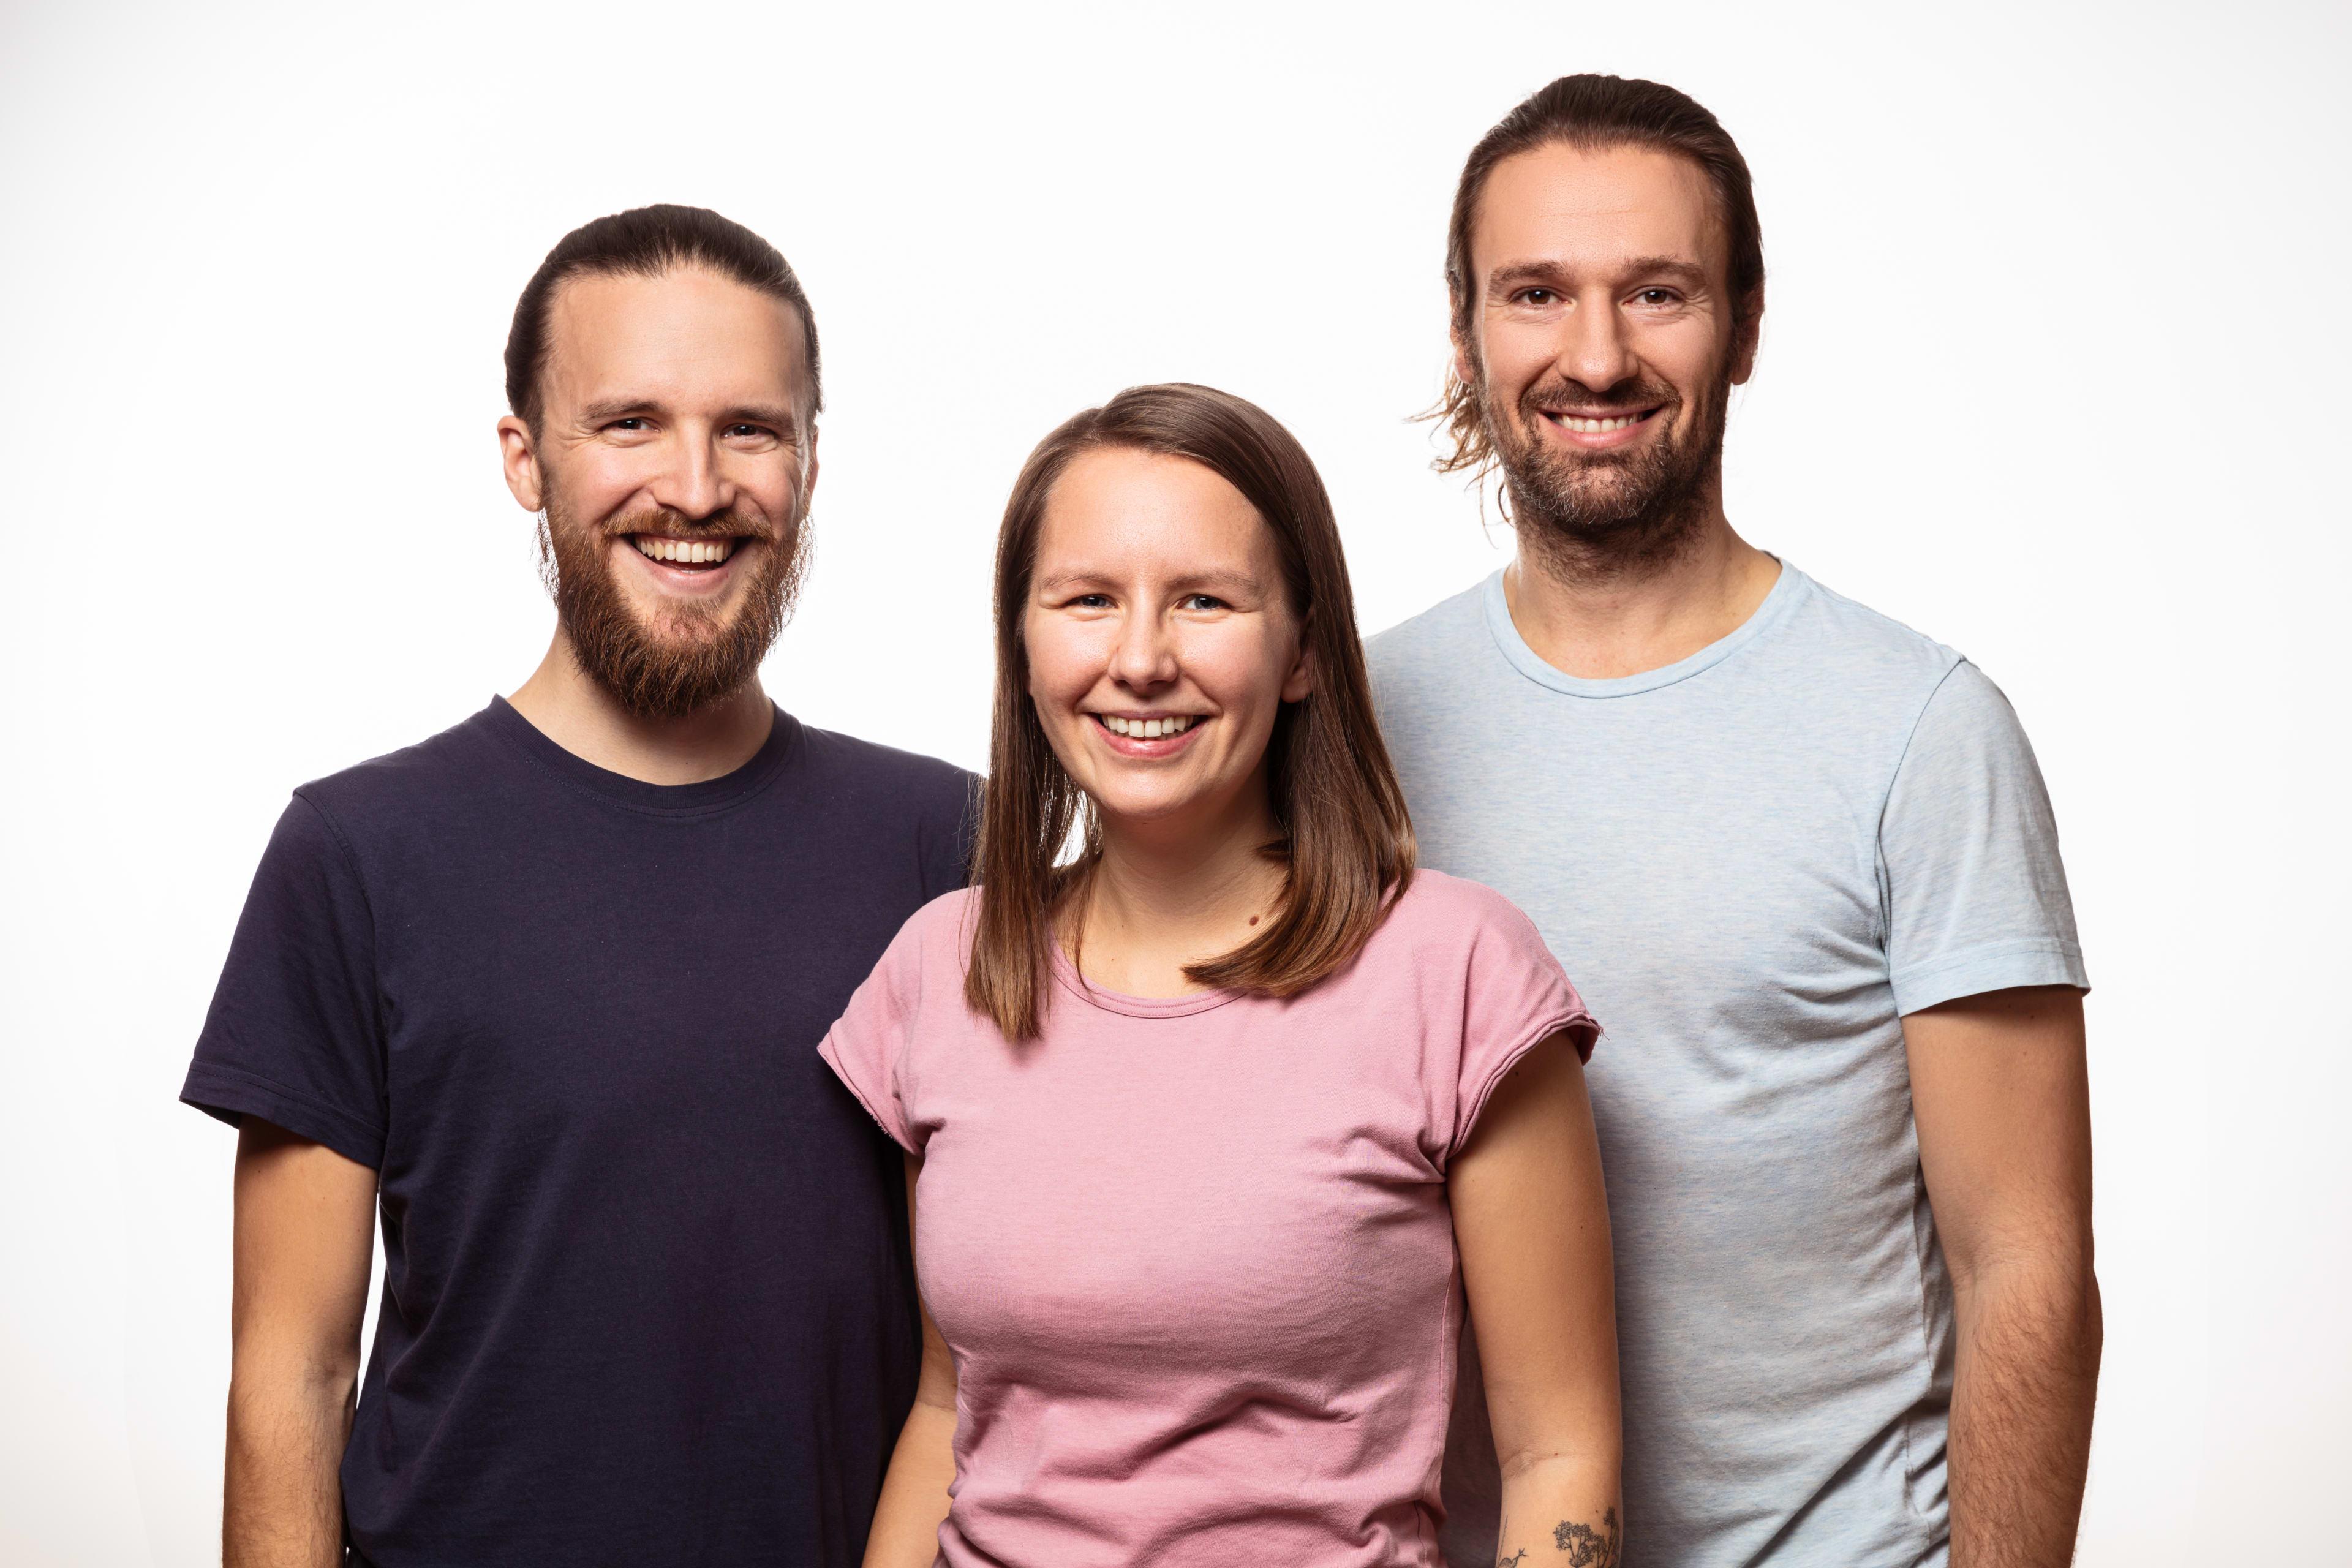 scale Team: Felix, Lara, Dominik